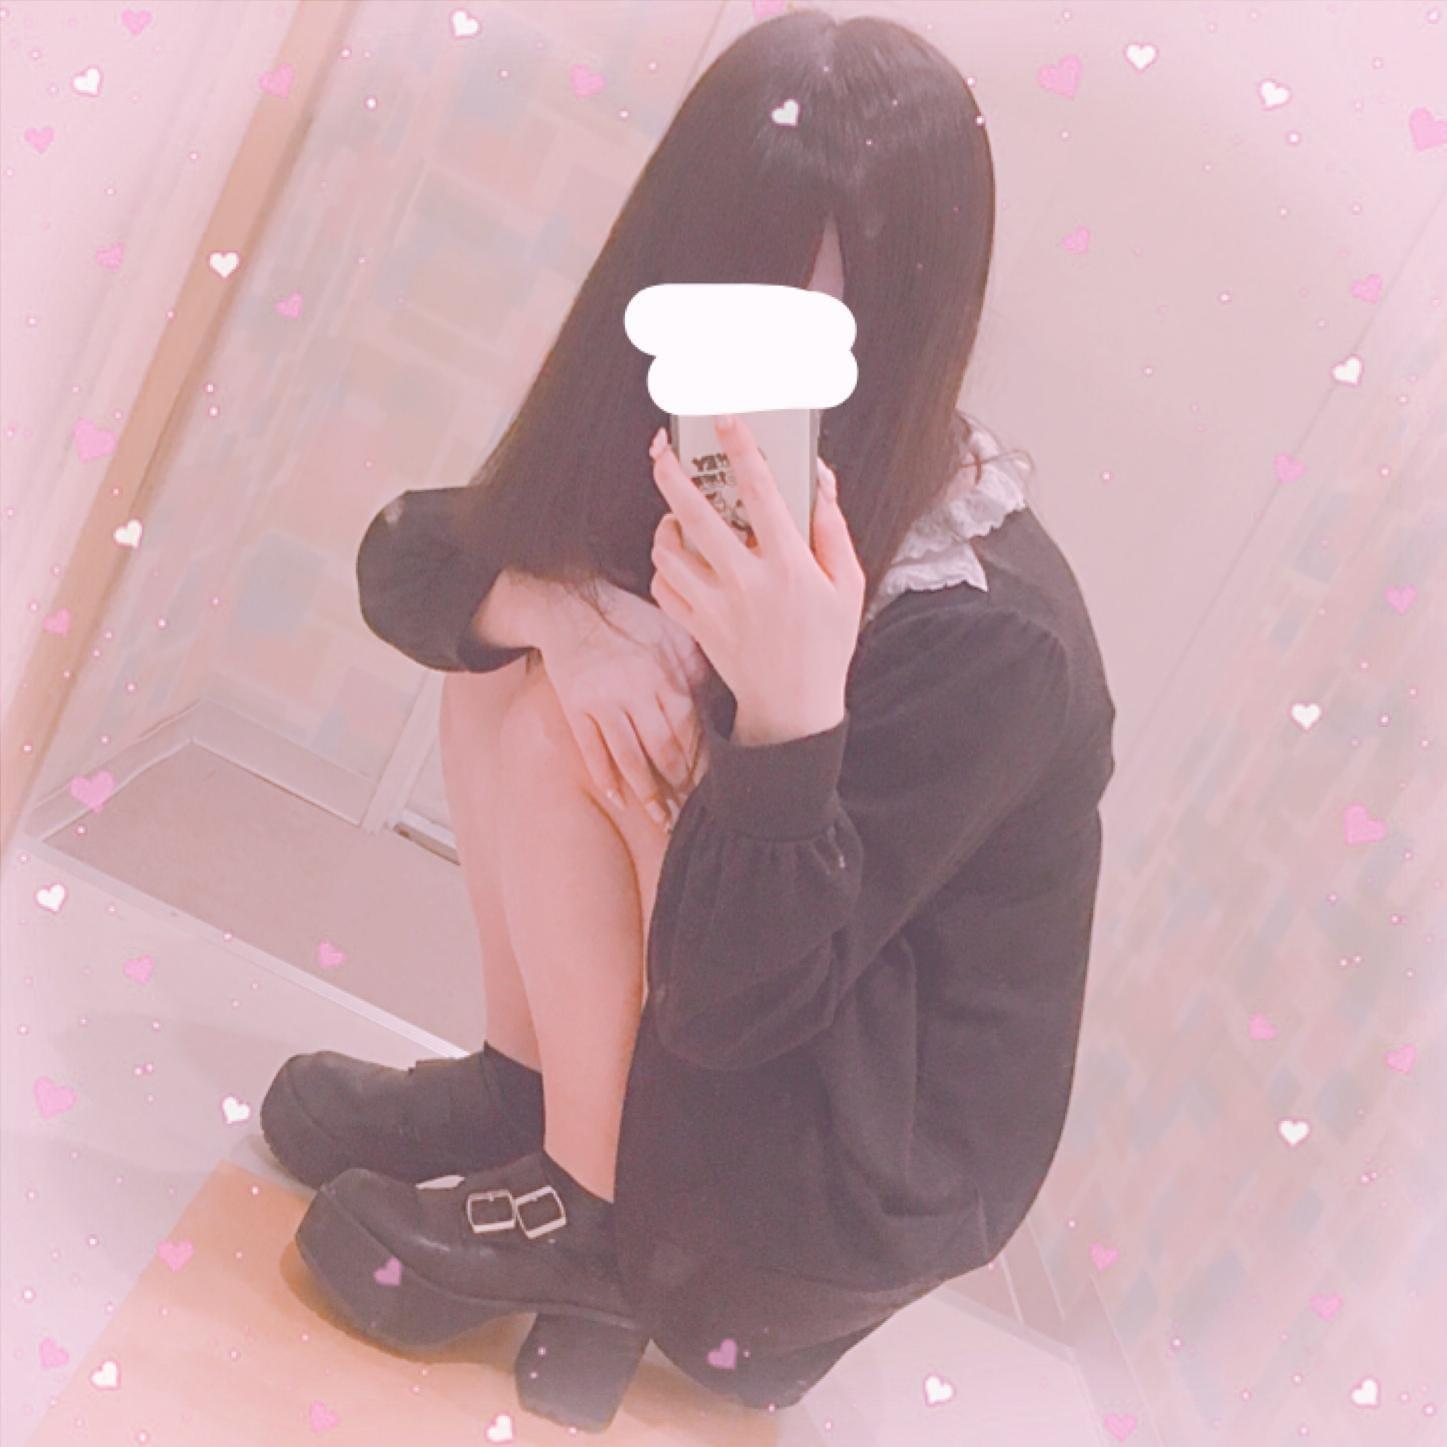 「14時から!」07/16(07/16) 08:21 | ななせの写メ・風俗動画